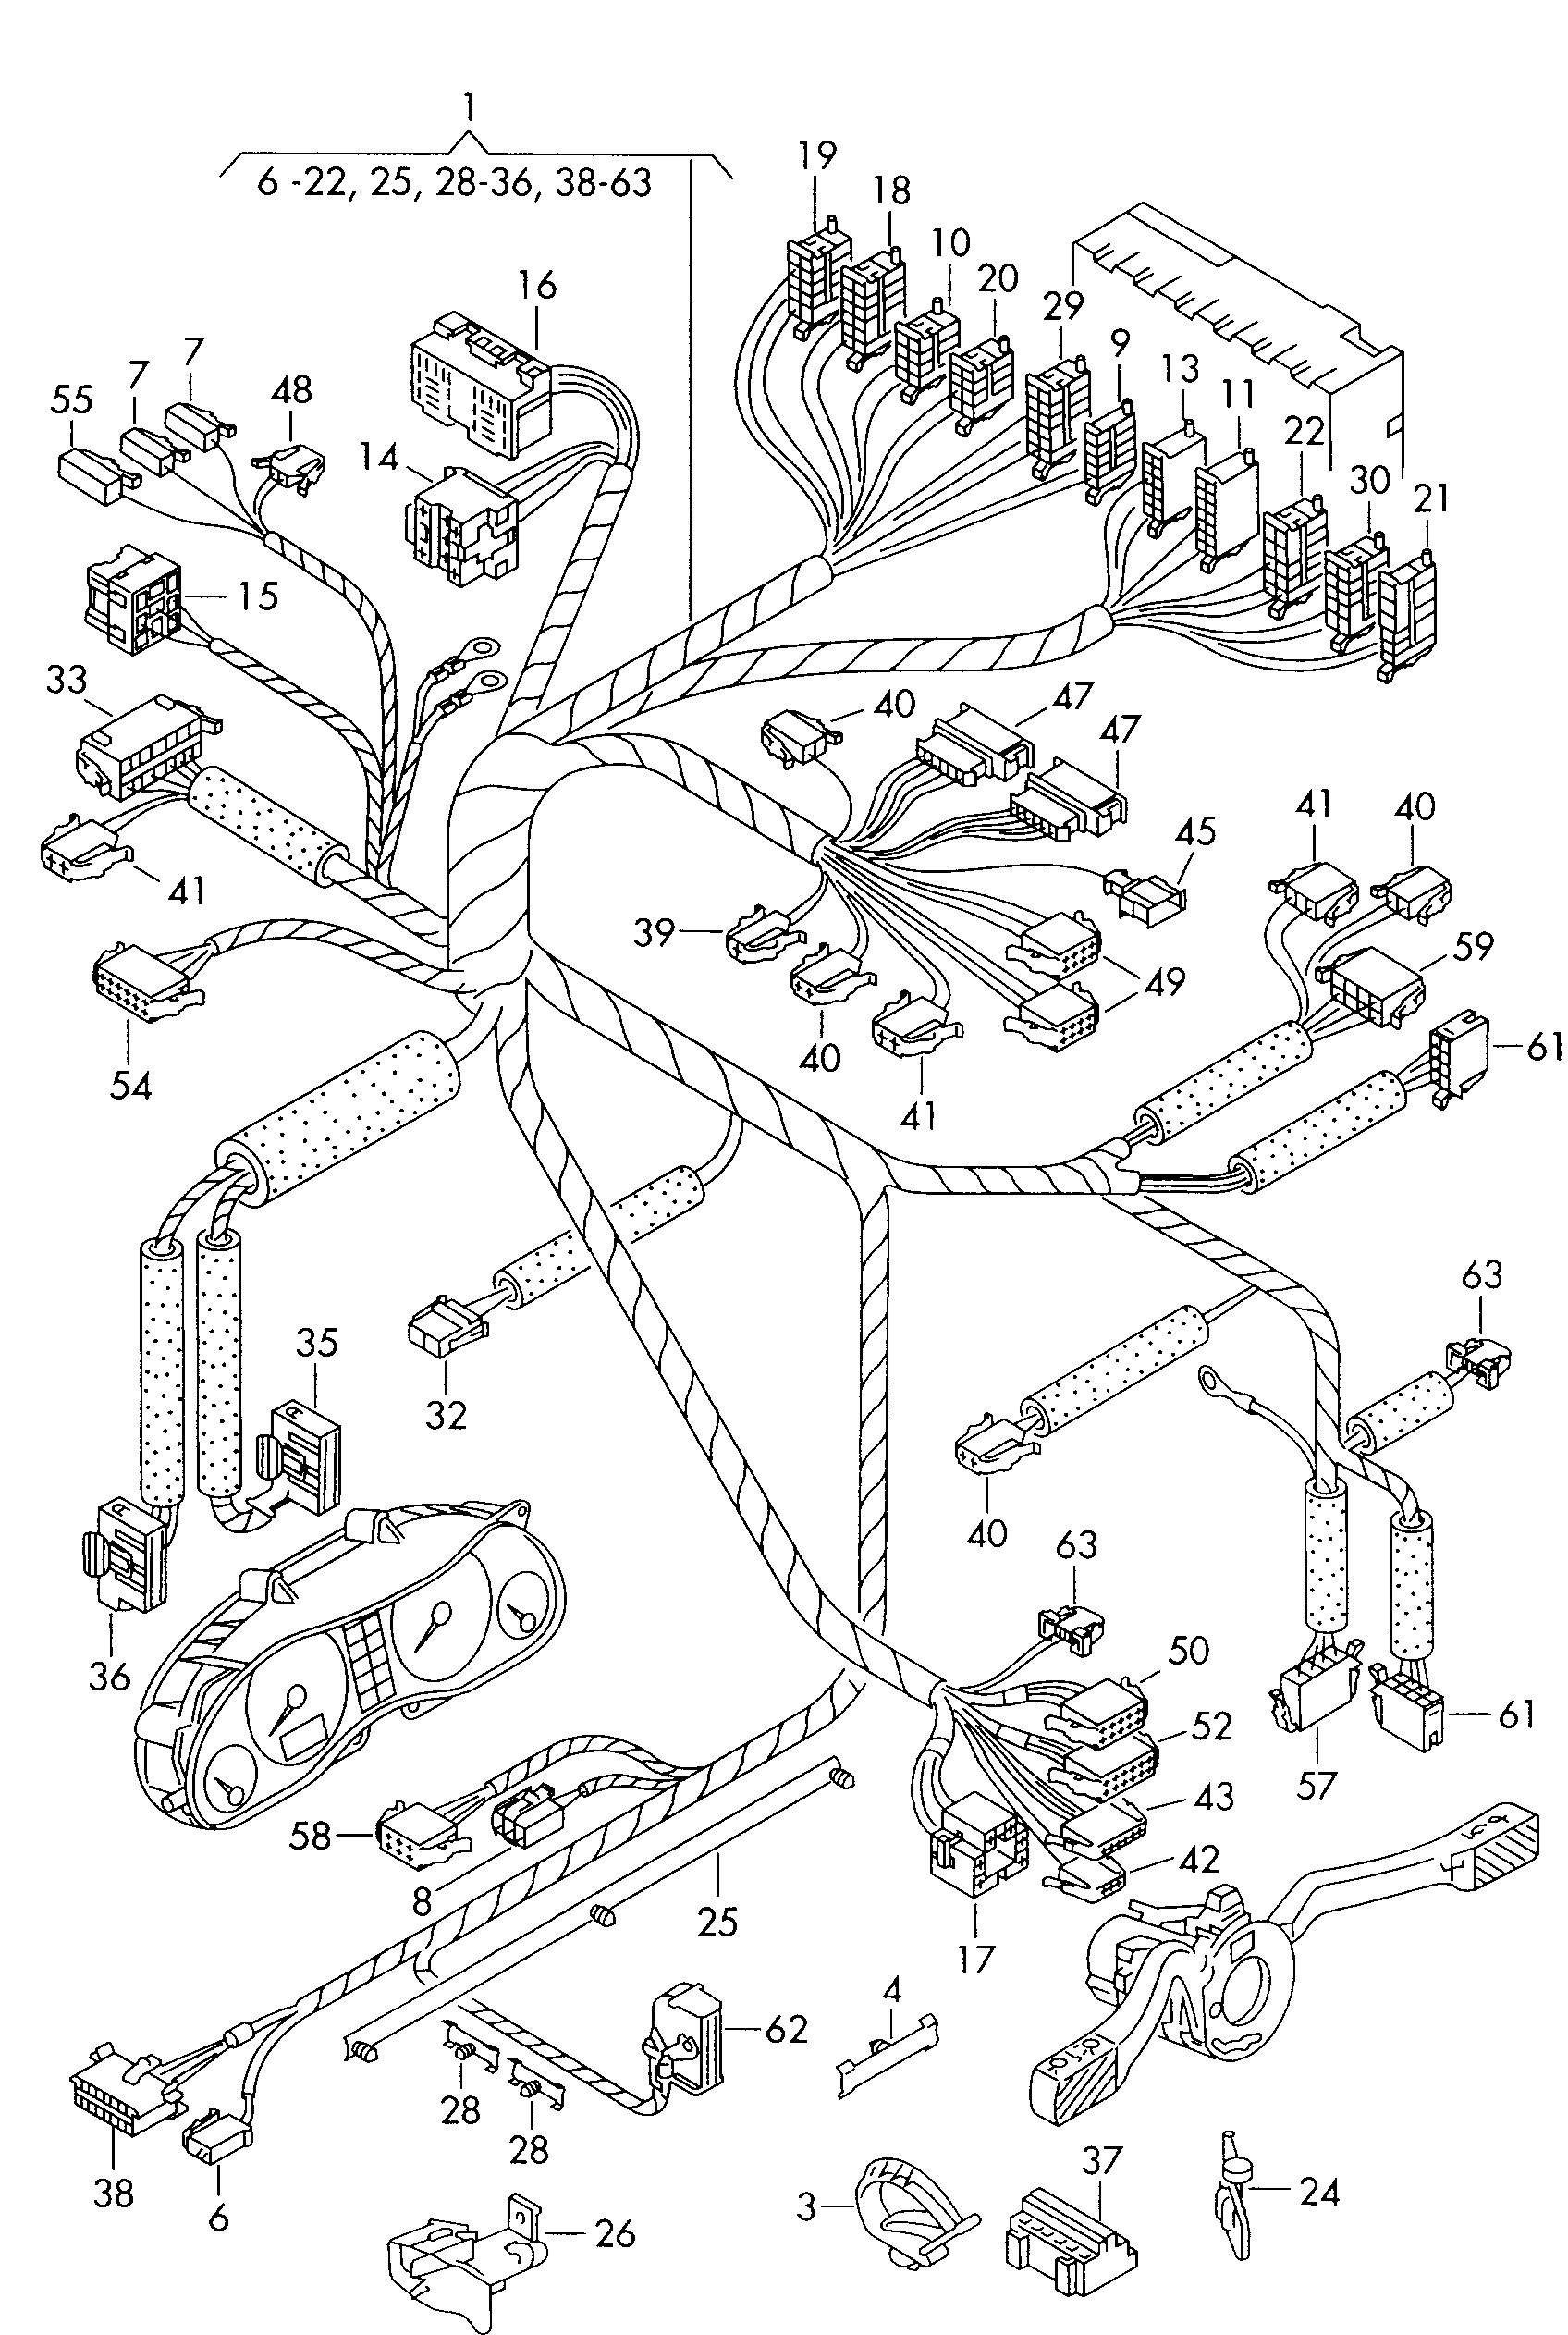 volkswagen sharan (1996 - 2000) / vag etka